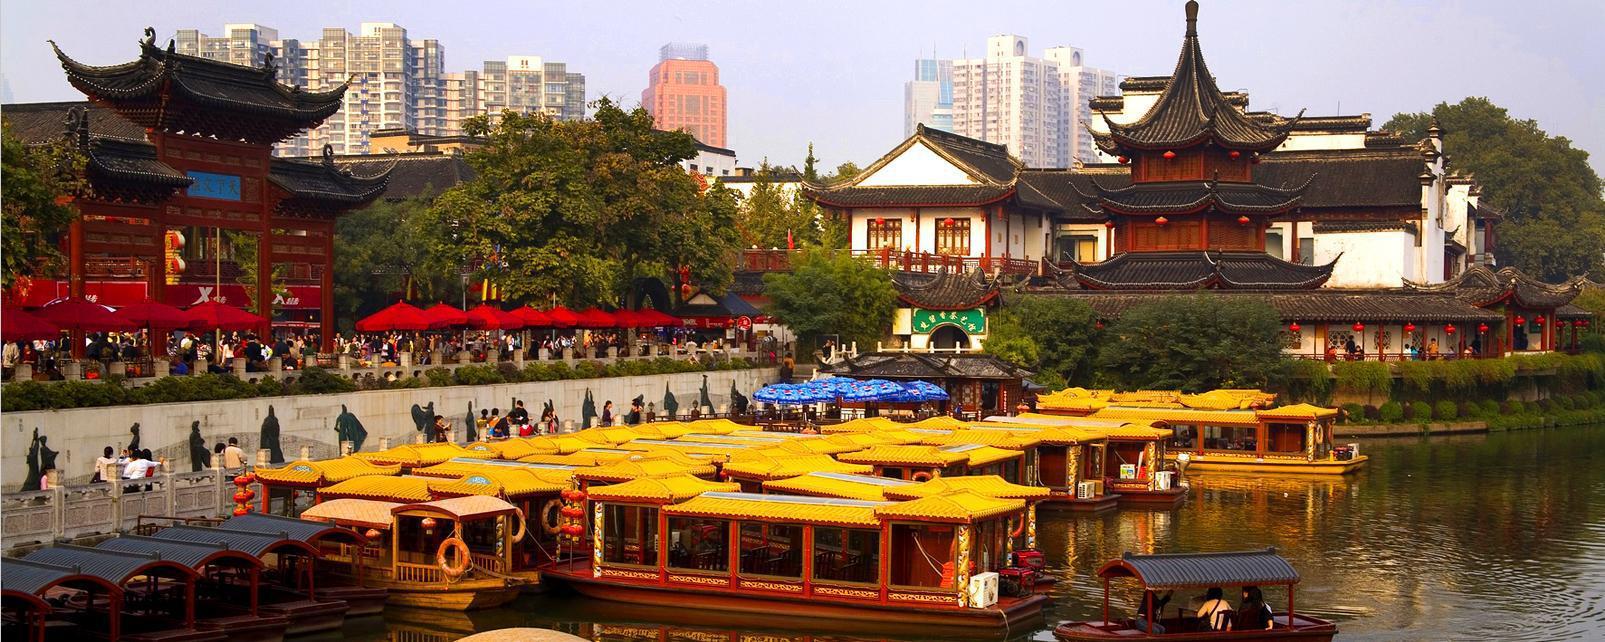 Nankin Nanjing